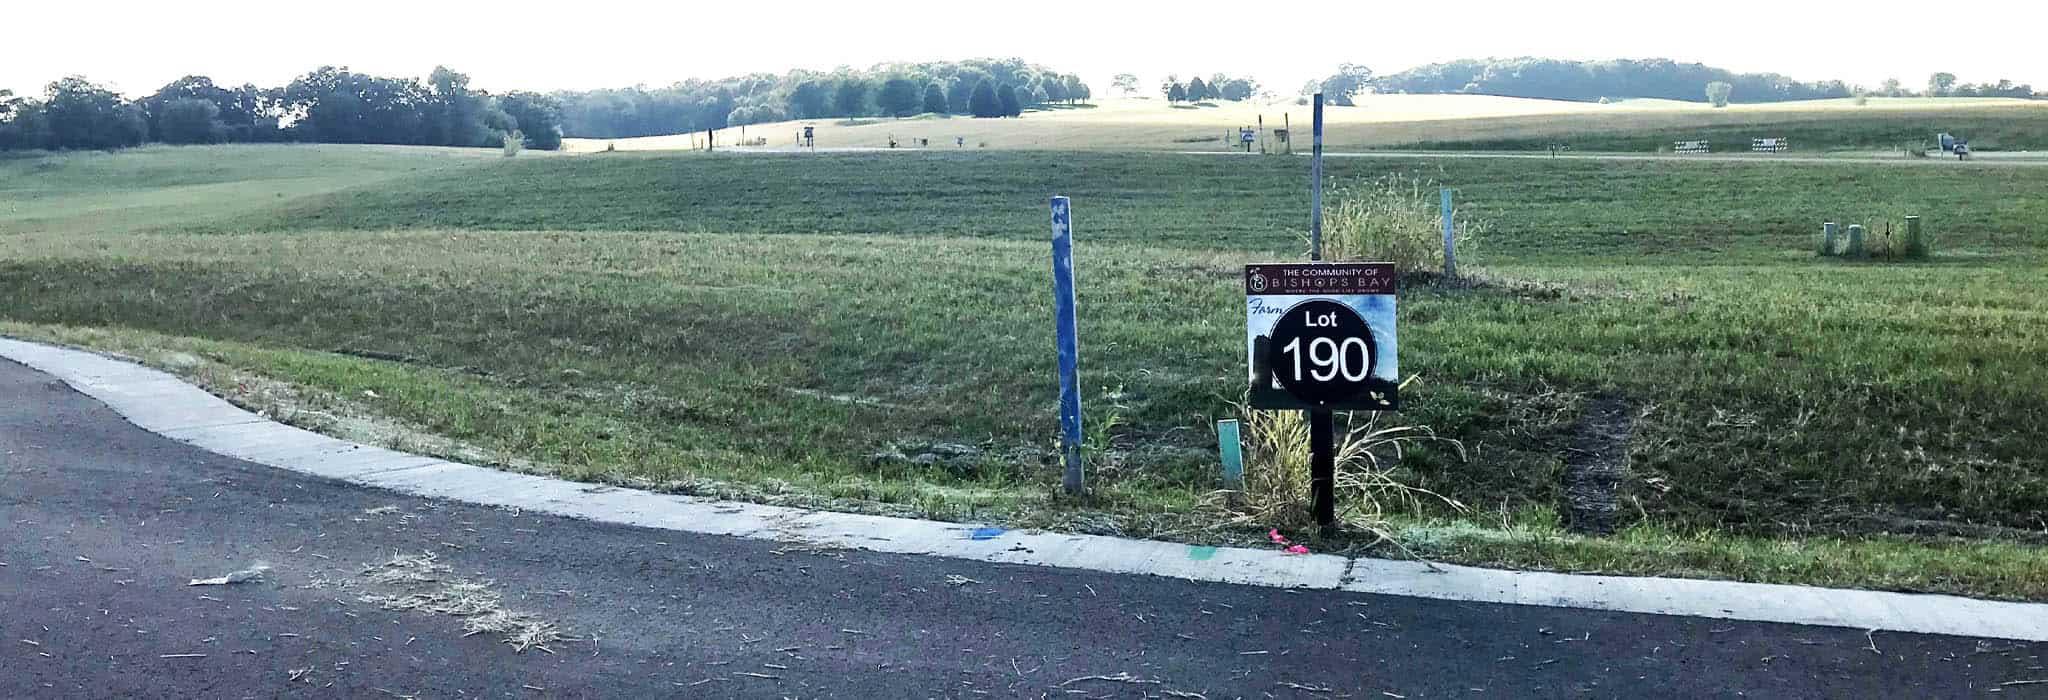 Farm Lot 190